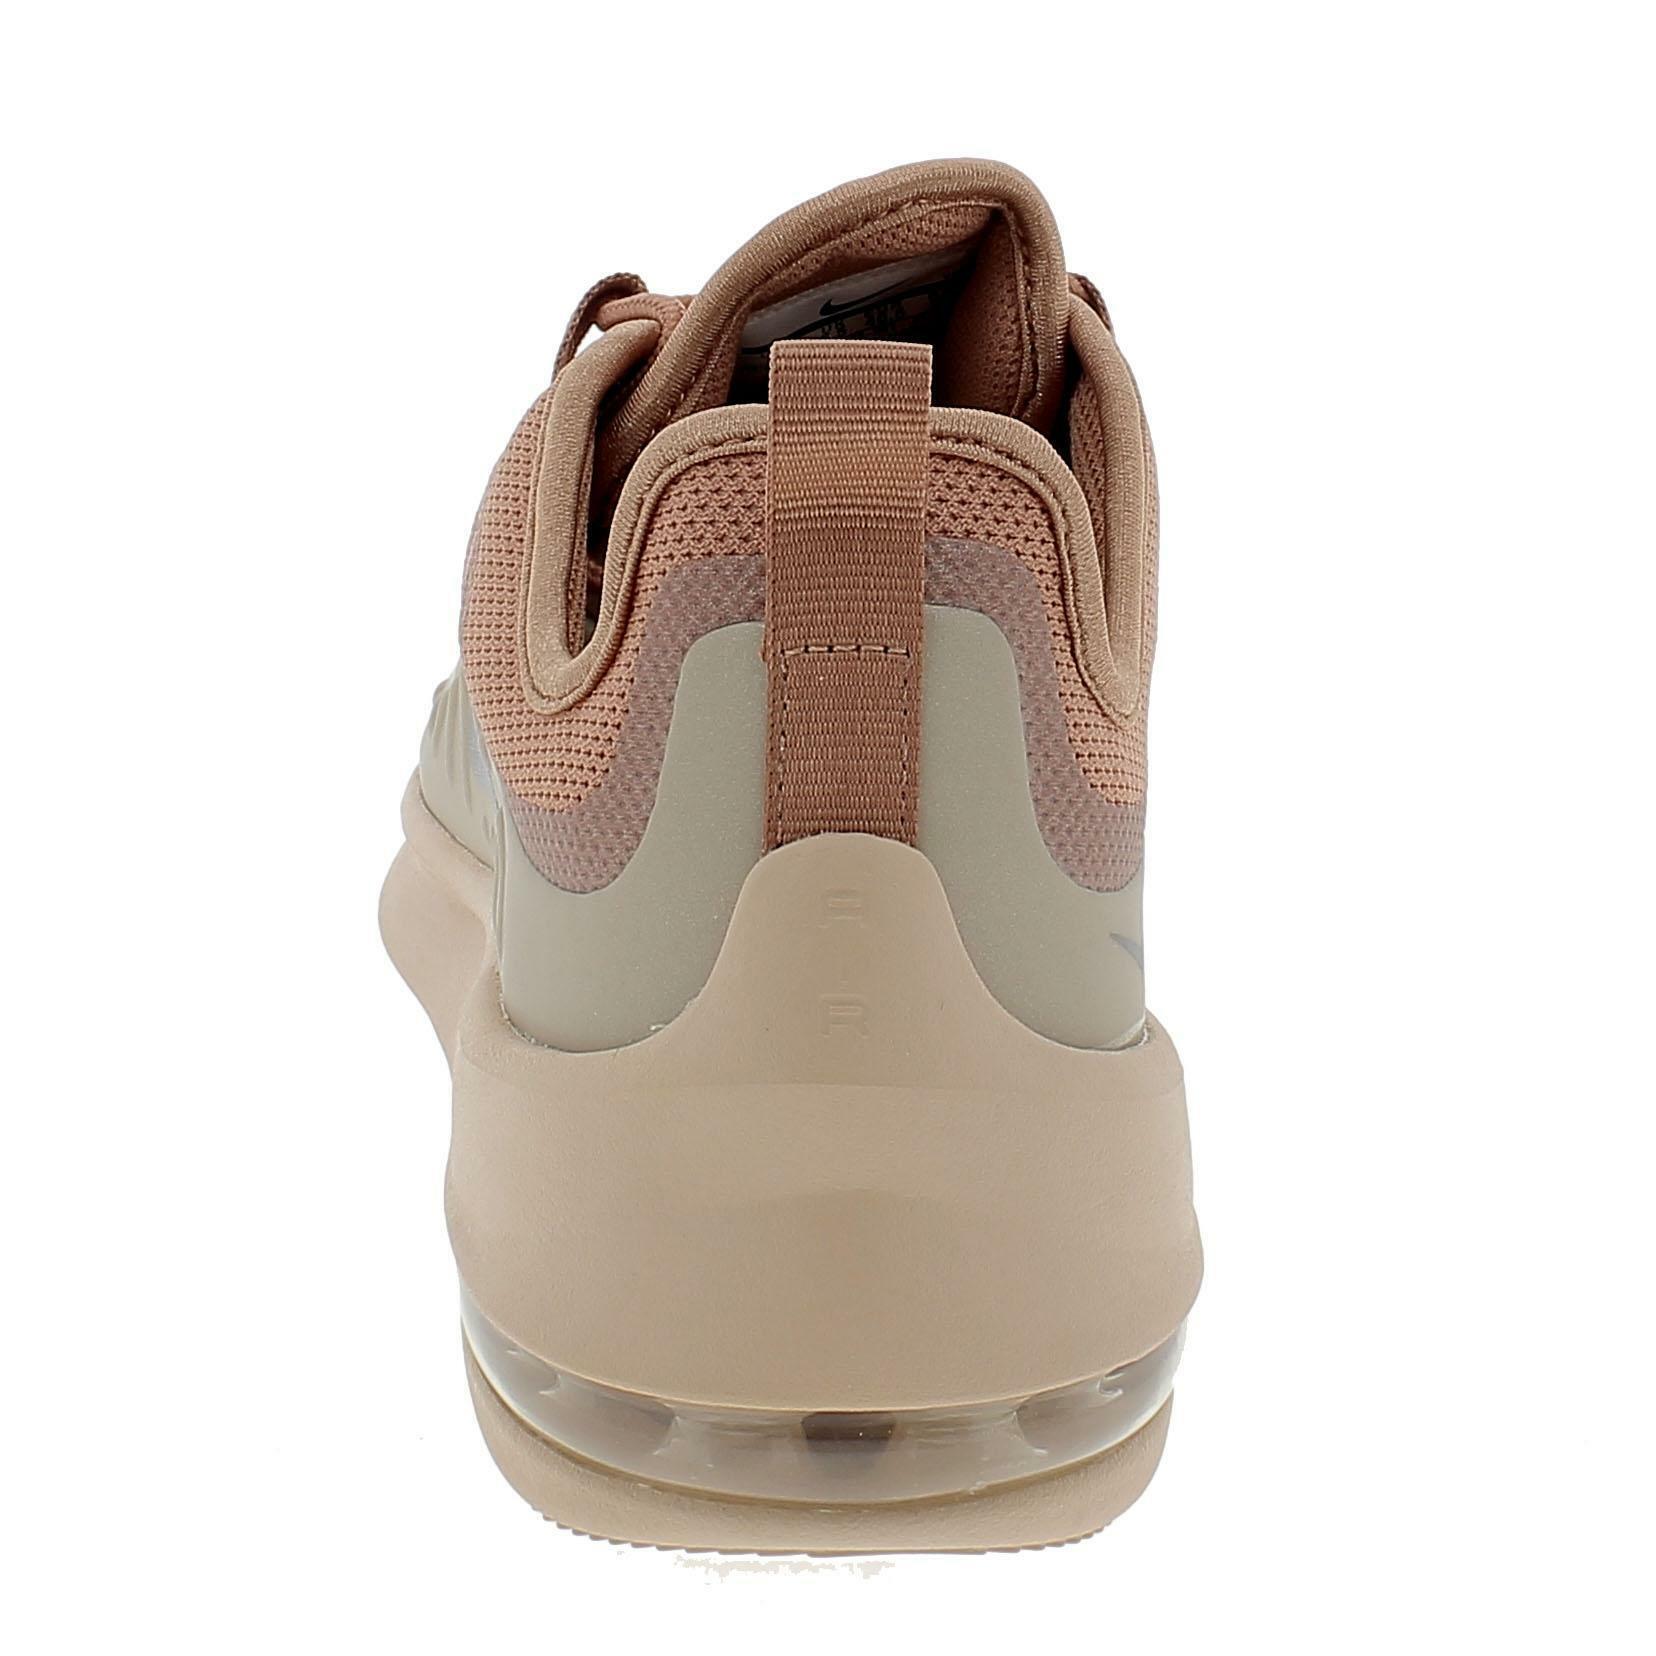 Scarpe da Running Donna Nike Wmns Air Max Axis Prem